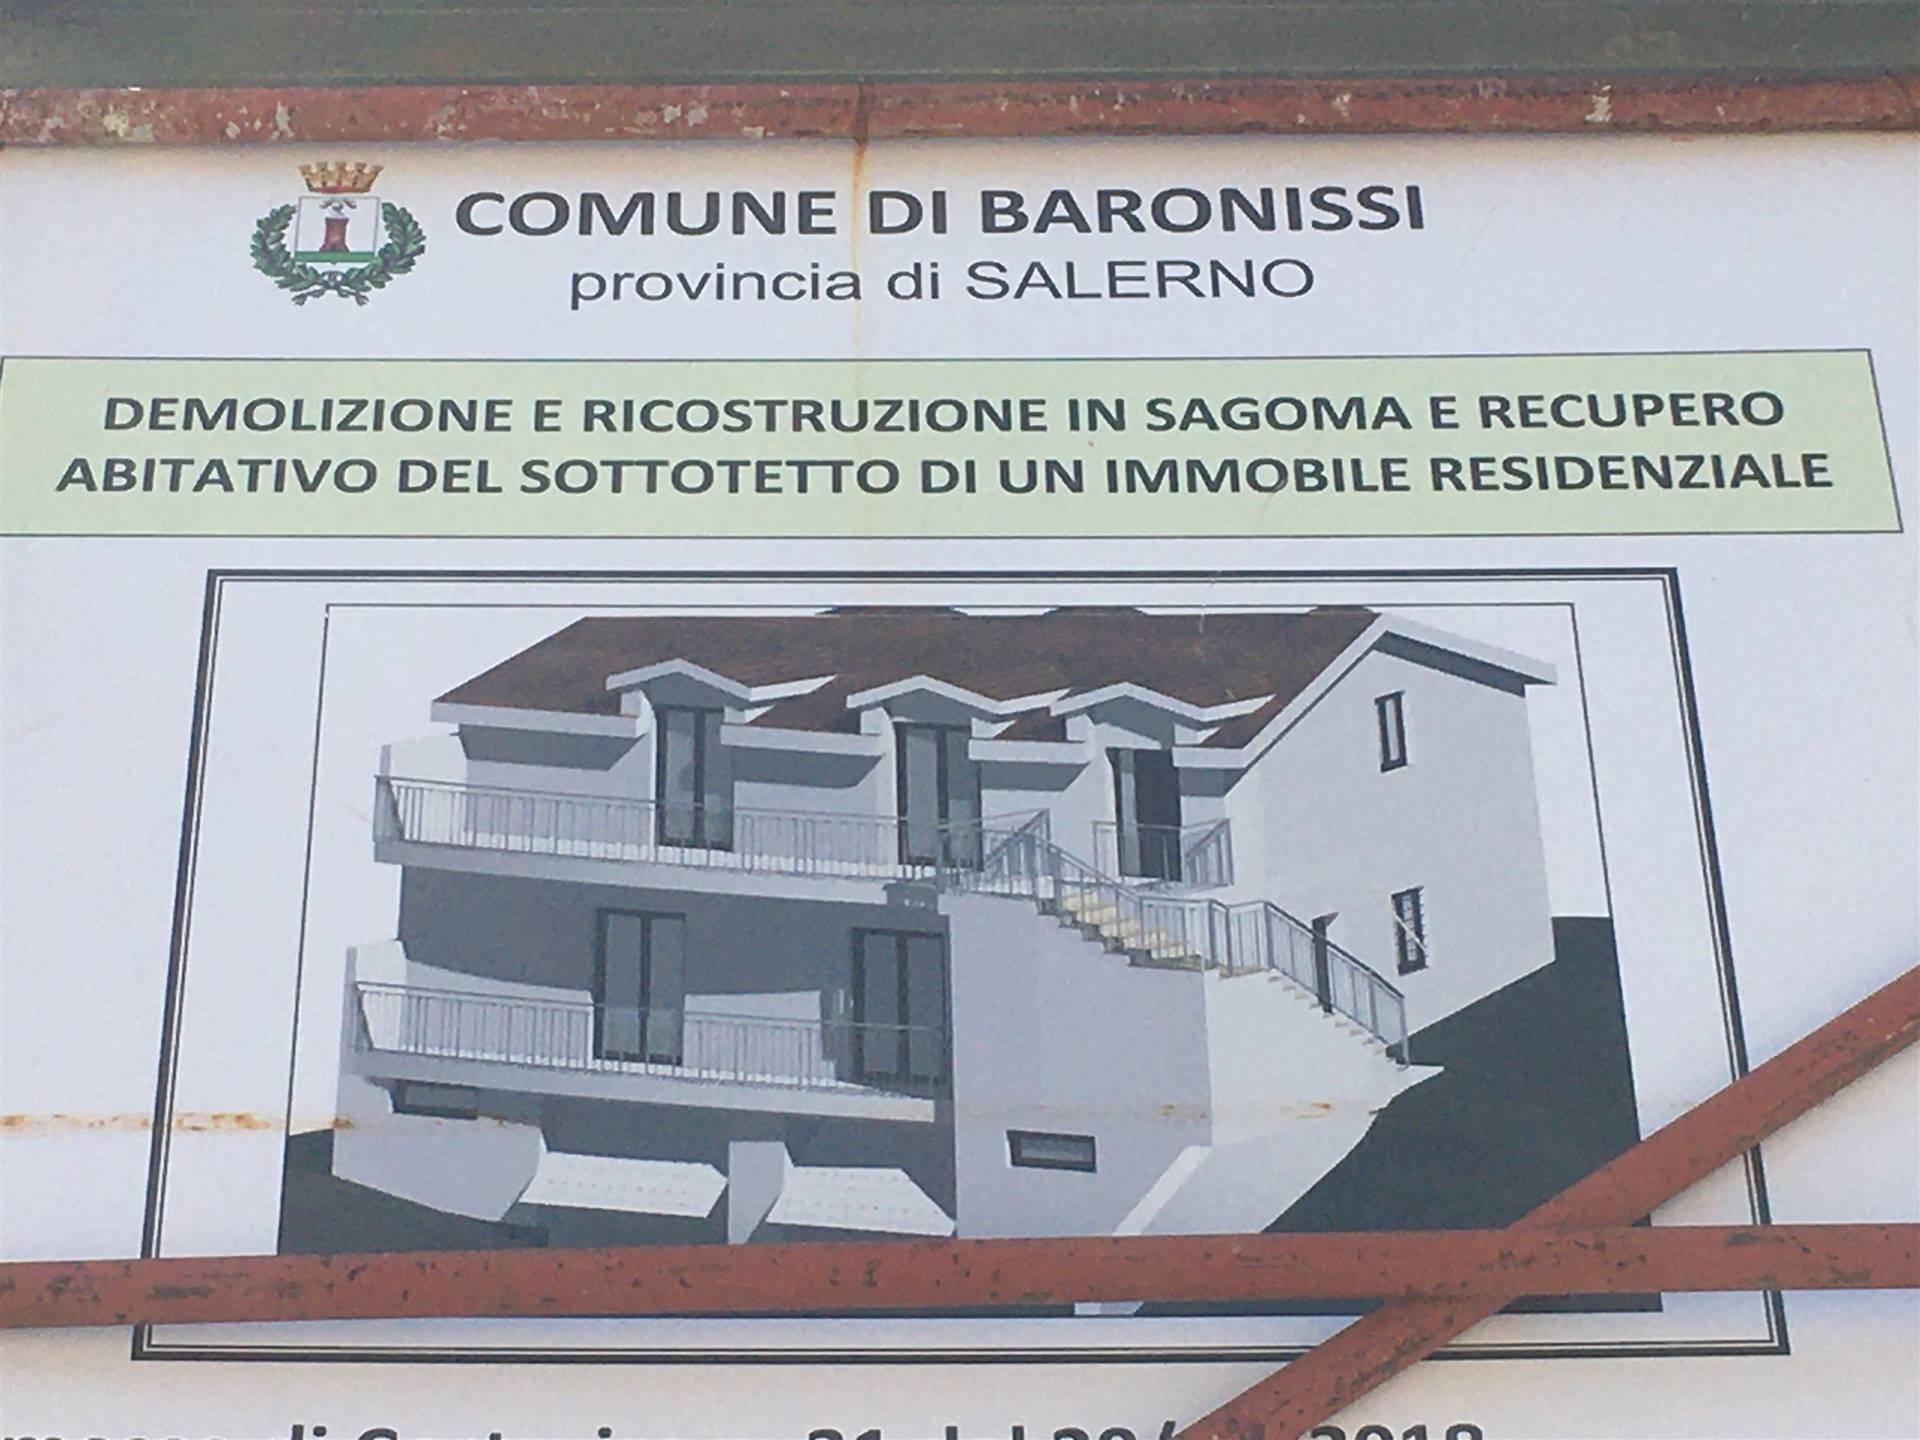 Villa in vendita a Baronissi, 6 locali, zona Zona: Aiello, prezzo € 180.000 | CambioCasa.it